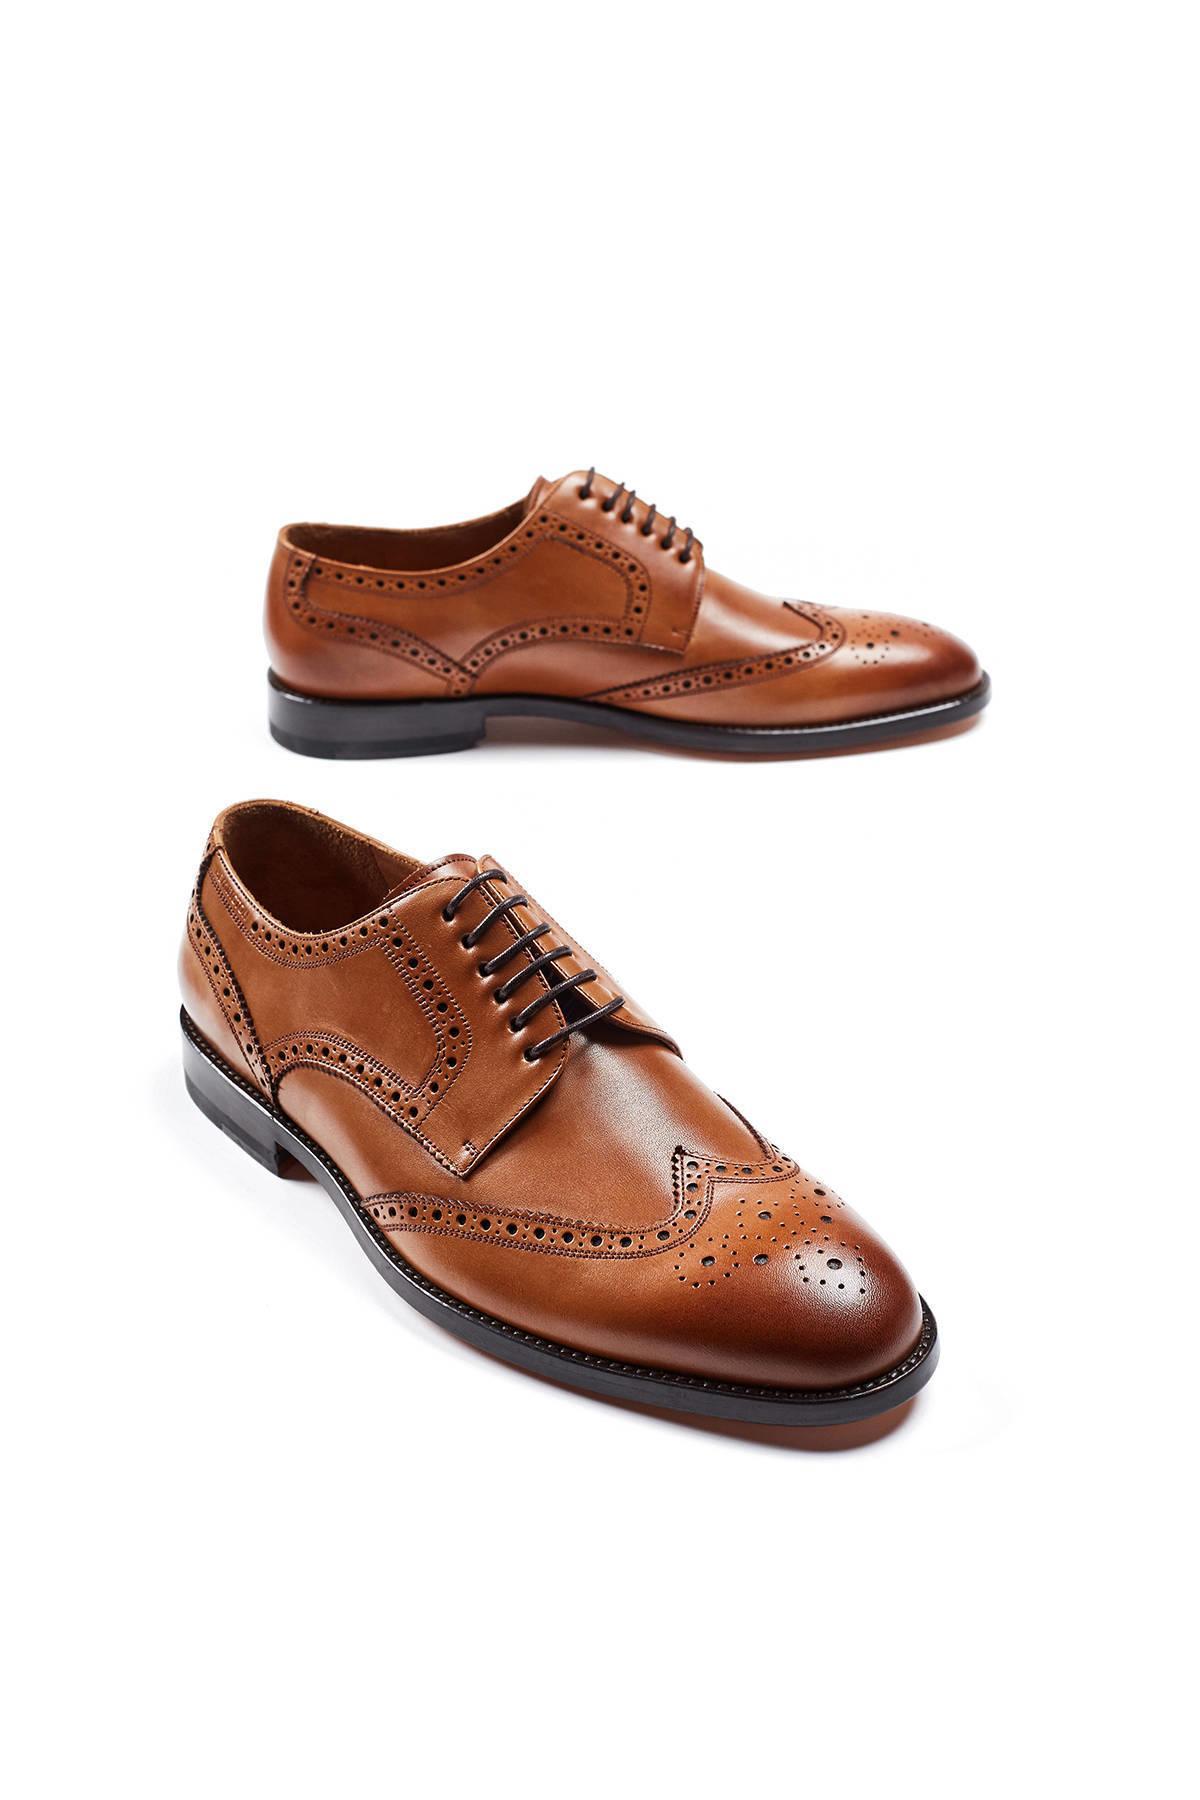 El Yapımı Taba Rengi Klasik Deri Ayakkabı